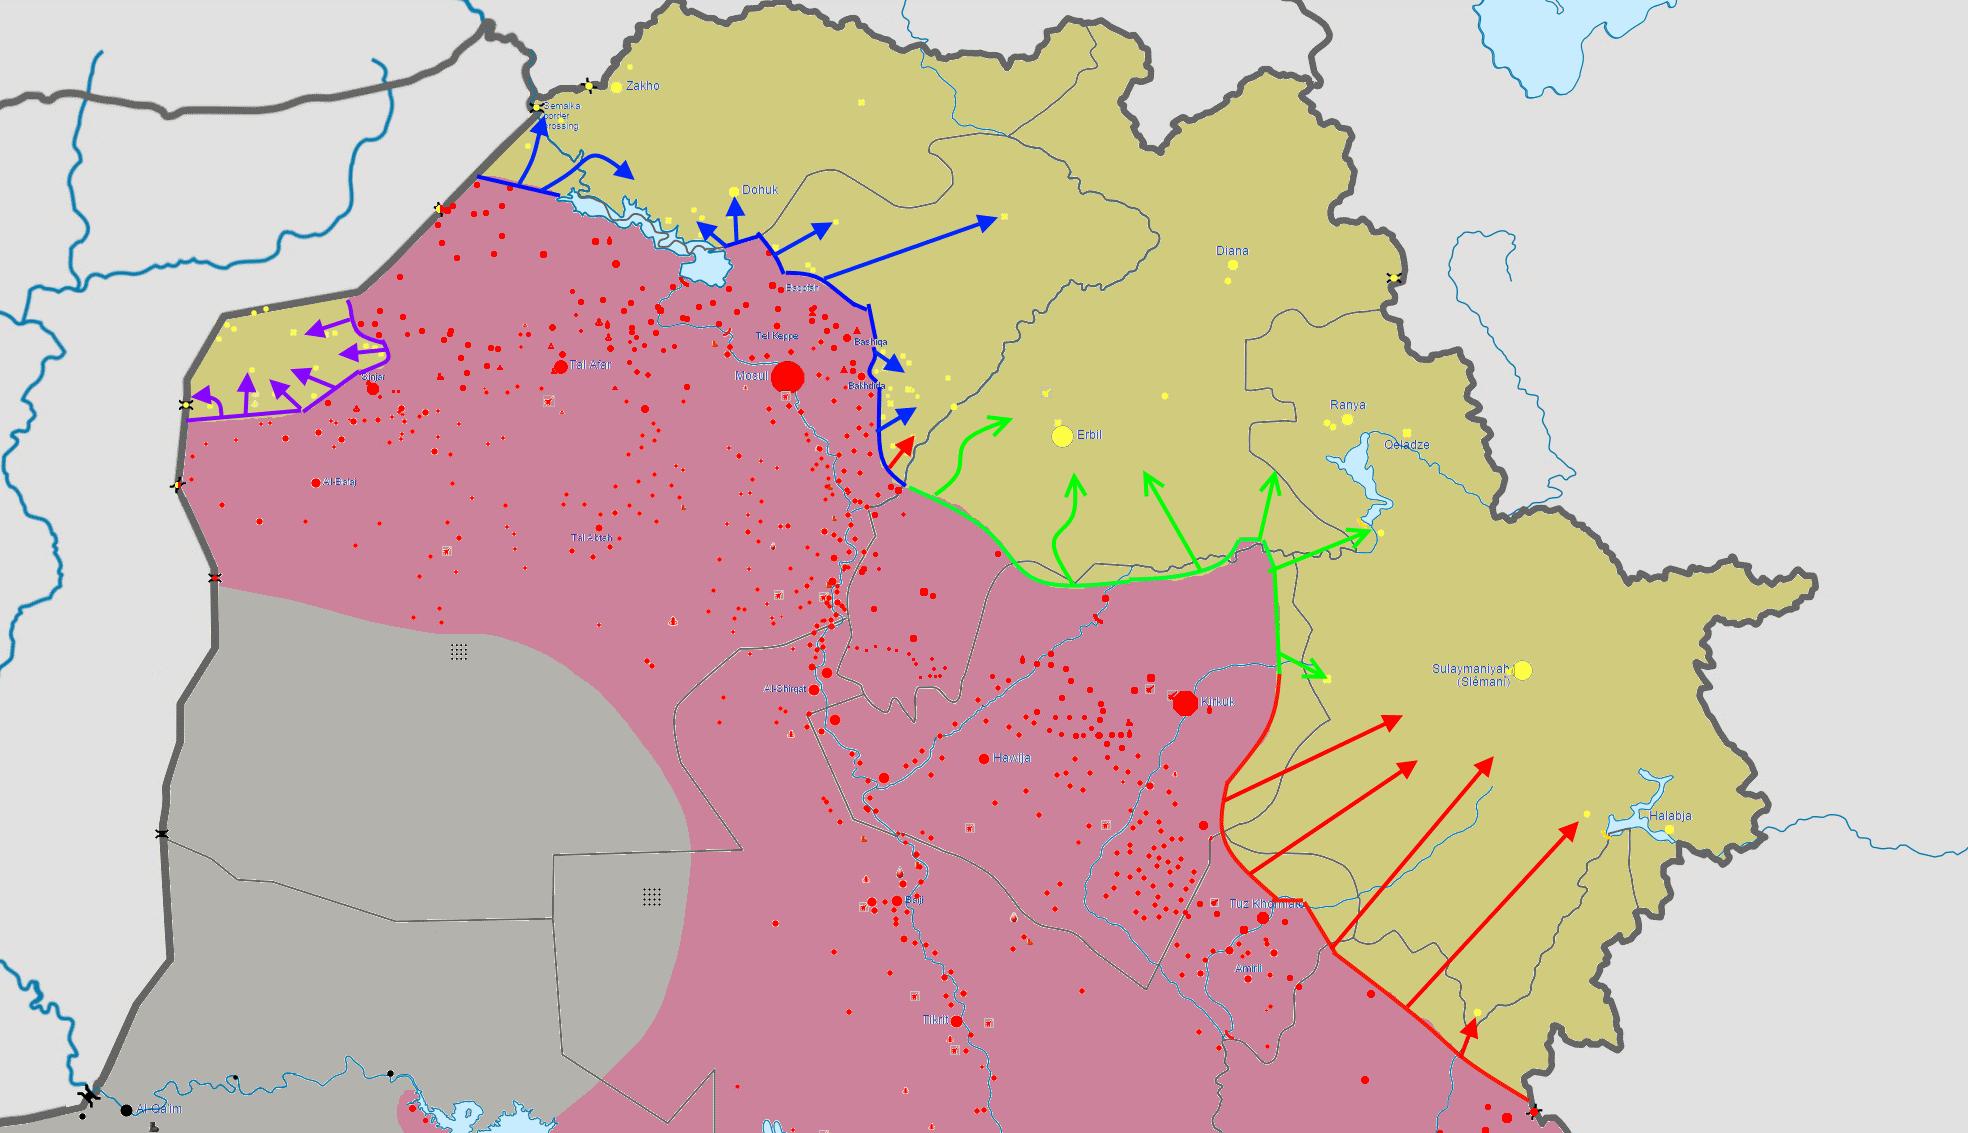 [Guerre Civile] Seconde guerre civile irakienne Opyrat10